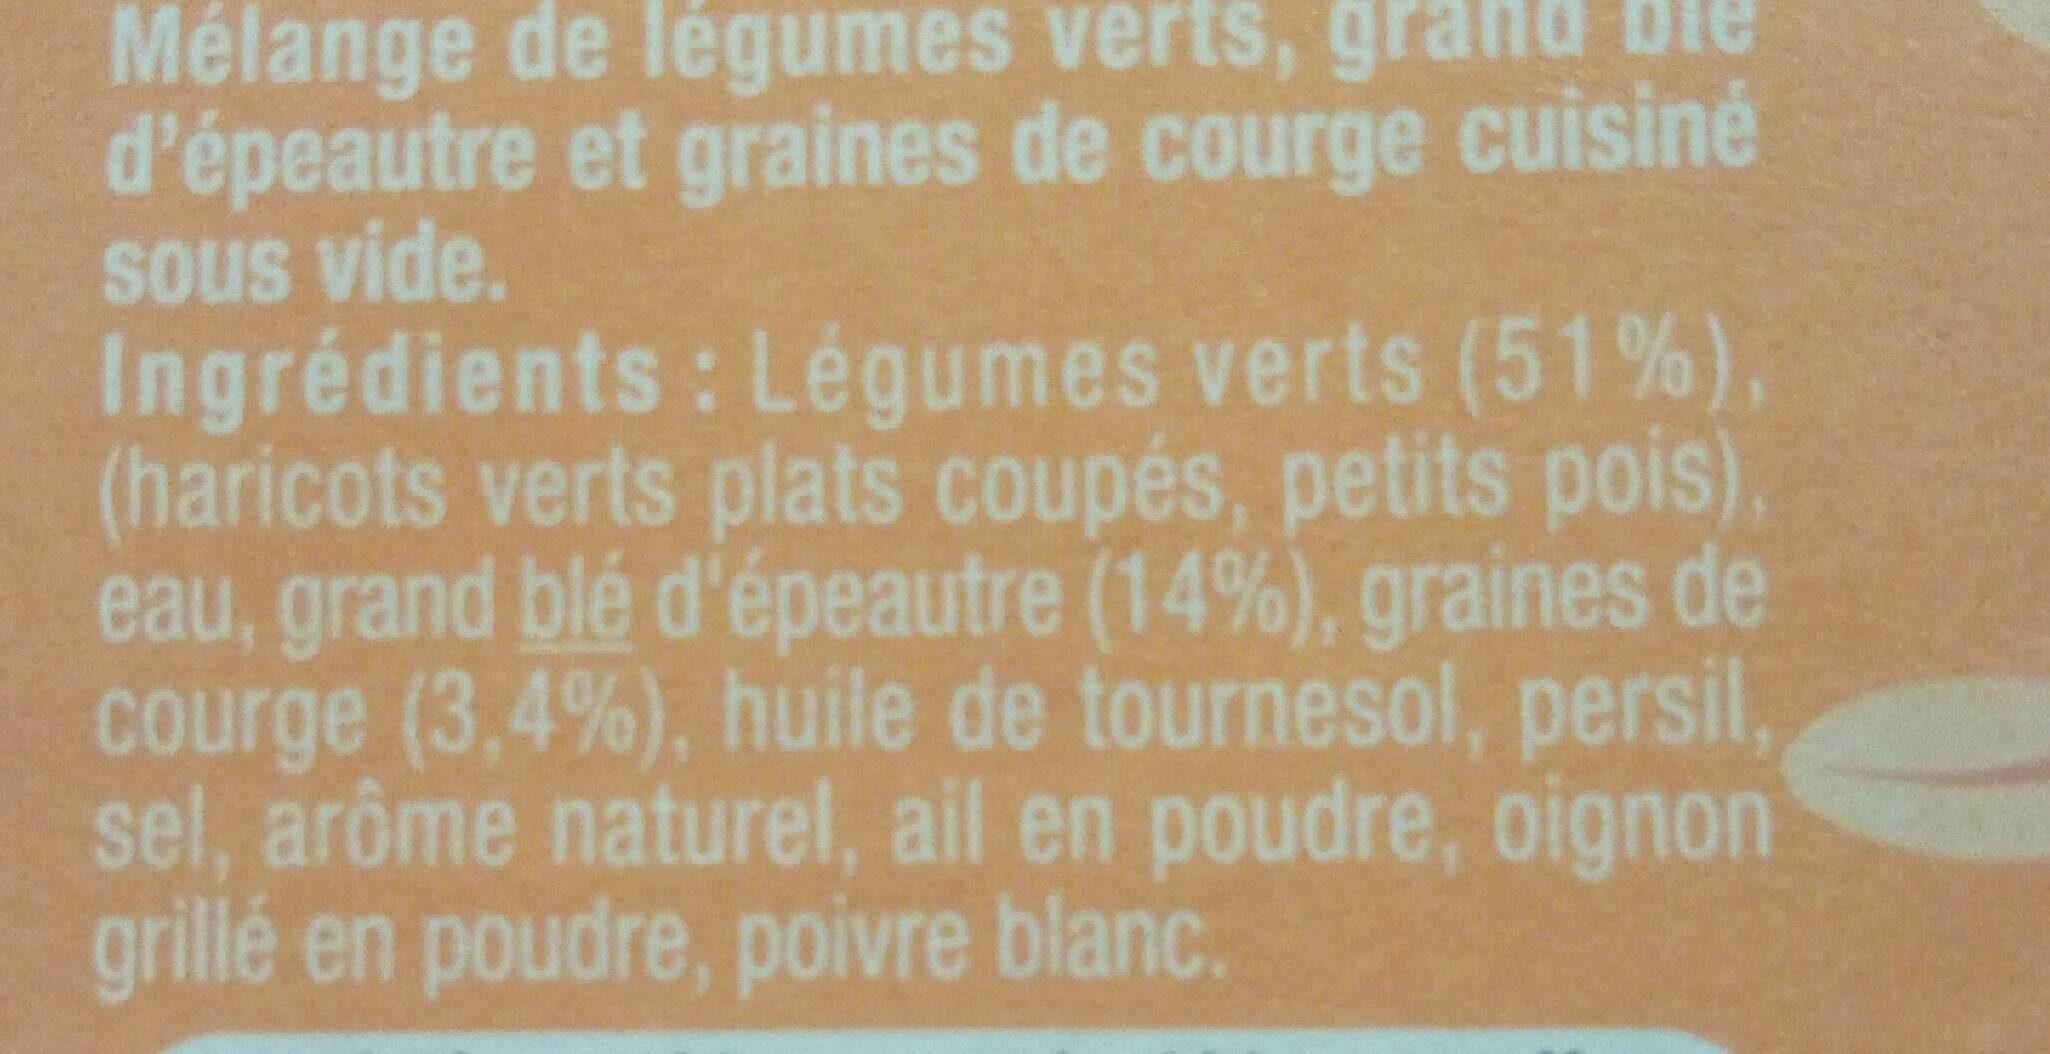 Légumes verts épeautre & graines de courge - Ingredients - fr